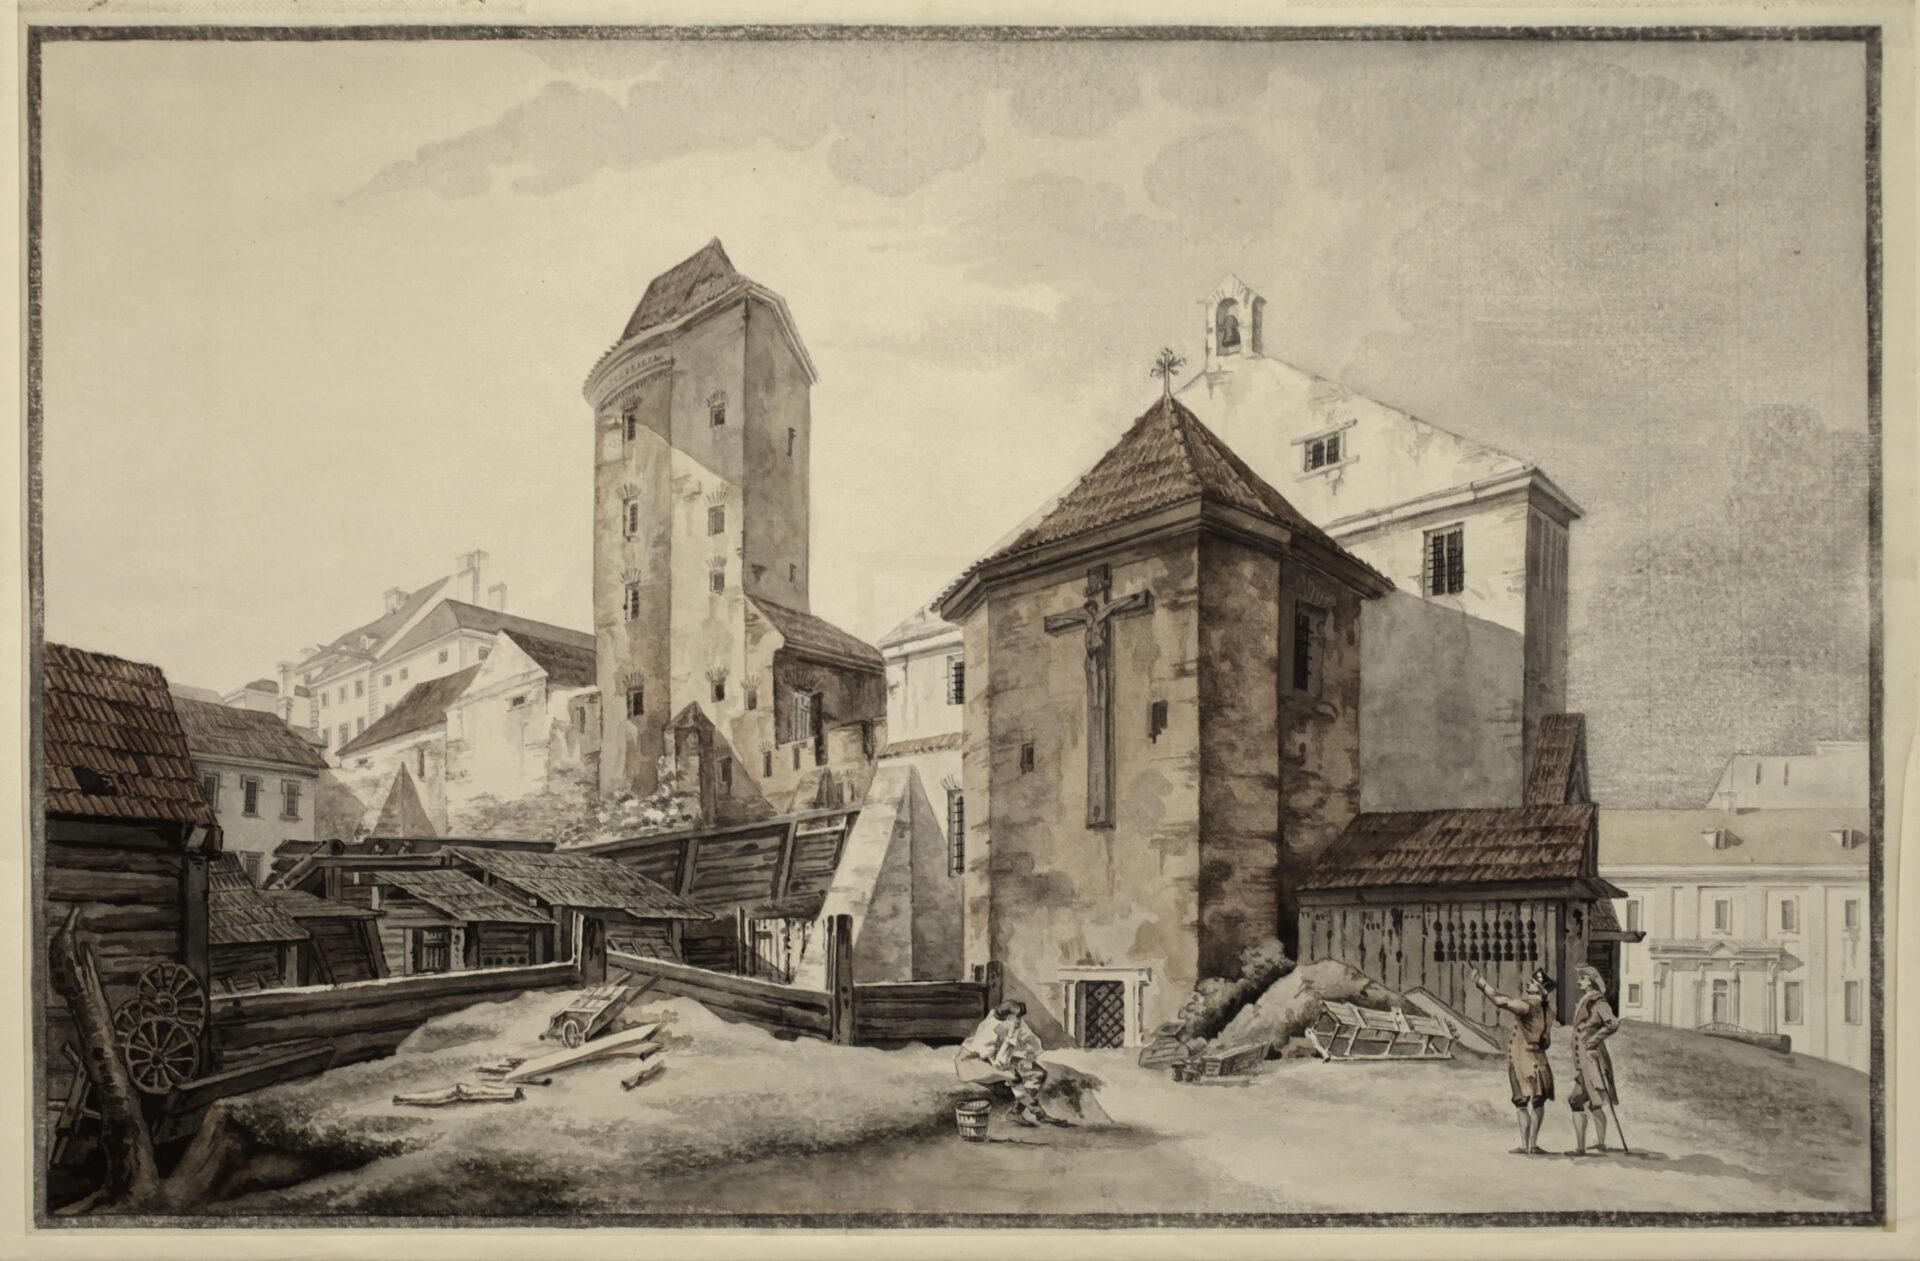 Przy drewnianych zabudowaniach wysoka wieża onieregularnym kształcie. Obok murowany piętrowy budynek, doktóregoprzylega kaplica. Najej zewnętrznej ścianie wisi duży krzyż.